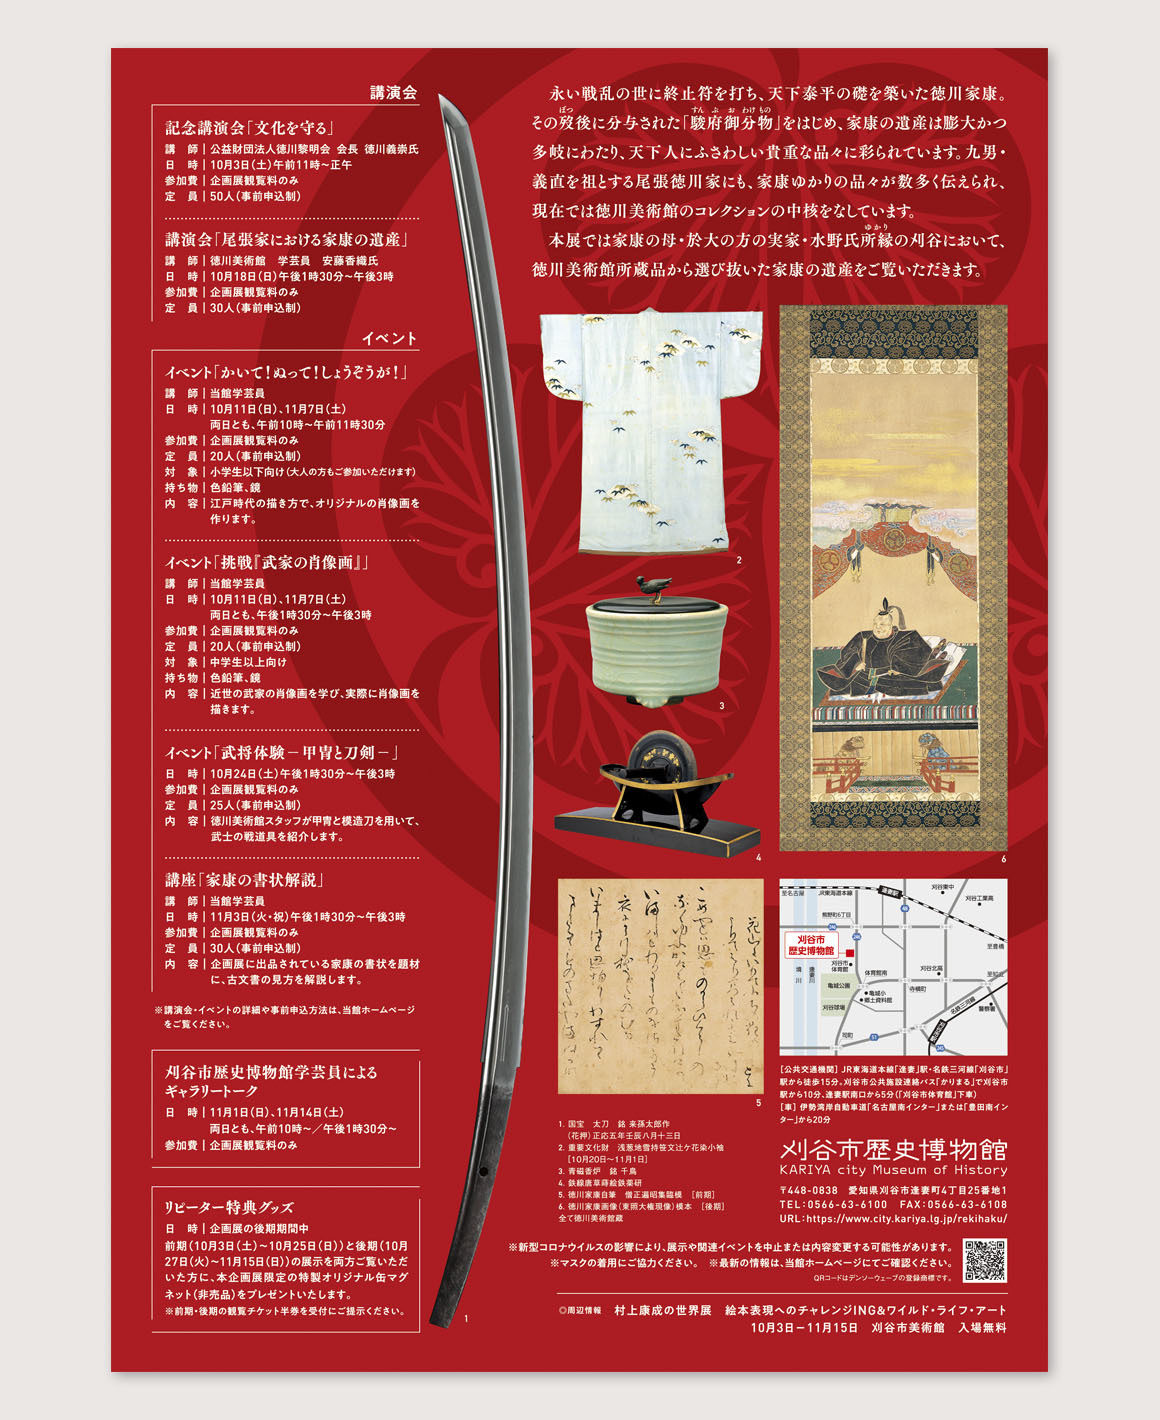 WORKS 徳川家康の遺産_e0206124_09370098.jpg